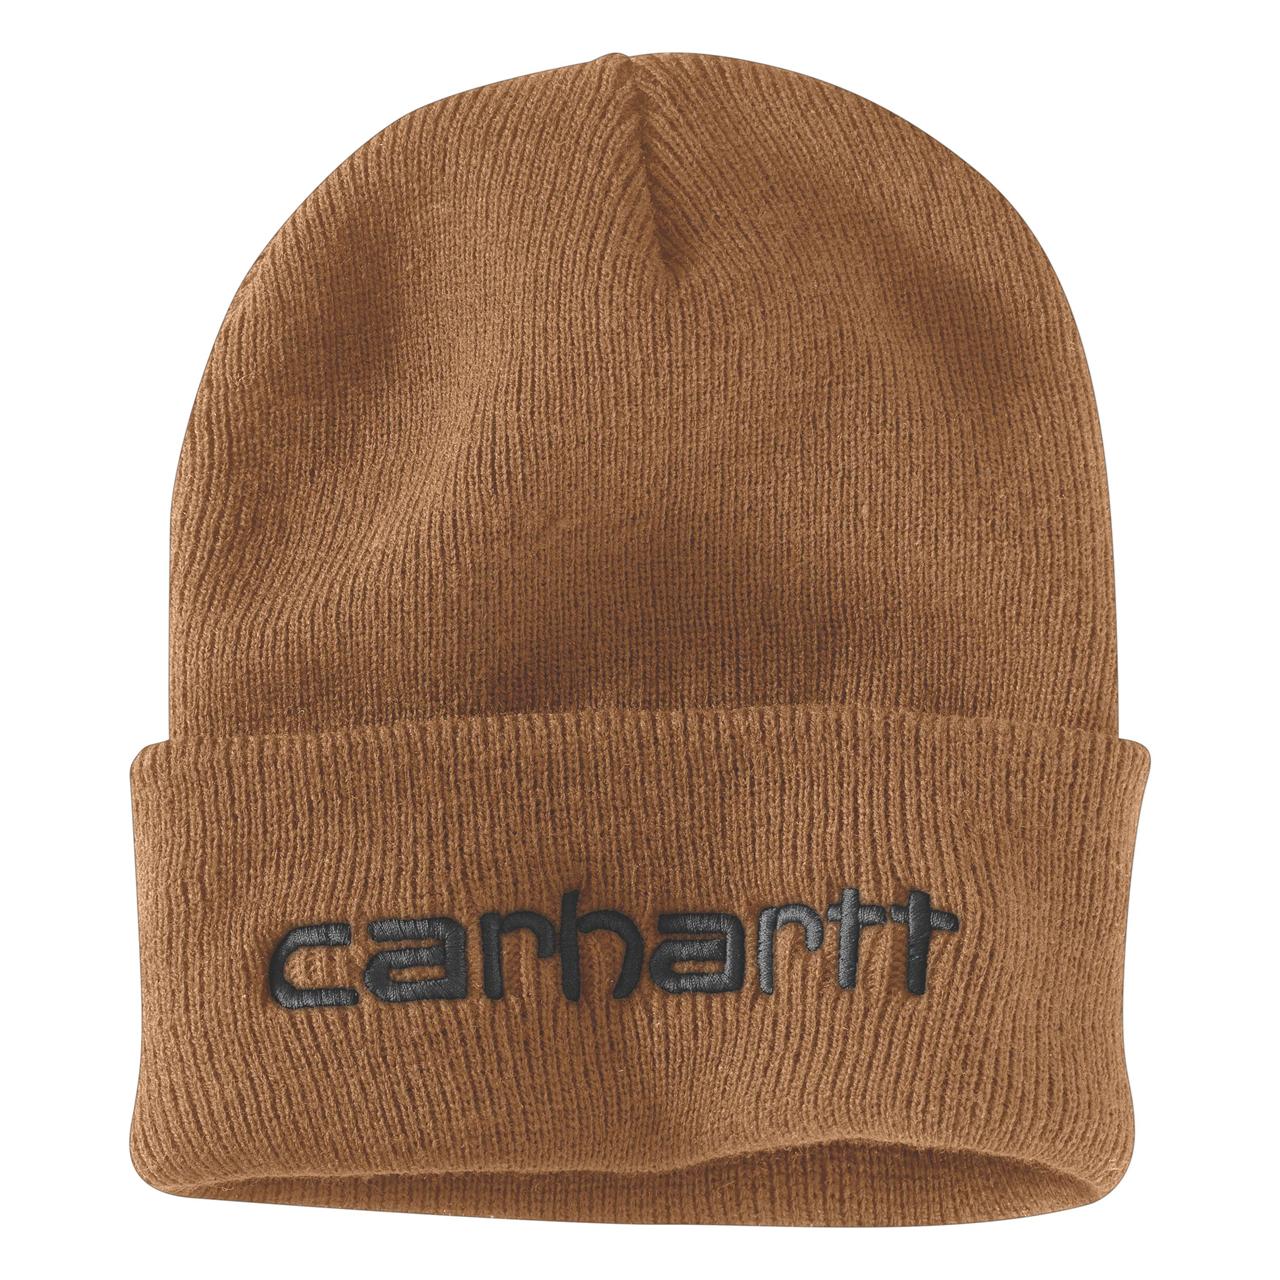 """Carhartt Hue Teller Hat """"Carhartt® Brown"""" - Mærker Diverse -> Arbejdstøj og sikkerhedssko Diverse Mærker -> Carhartt -> Huer Mærker -> Carhartt"""